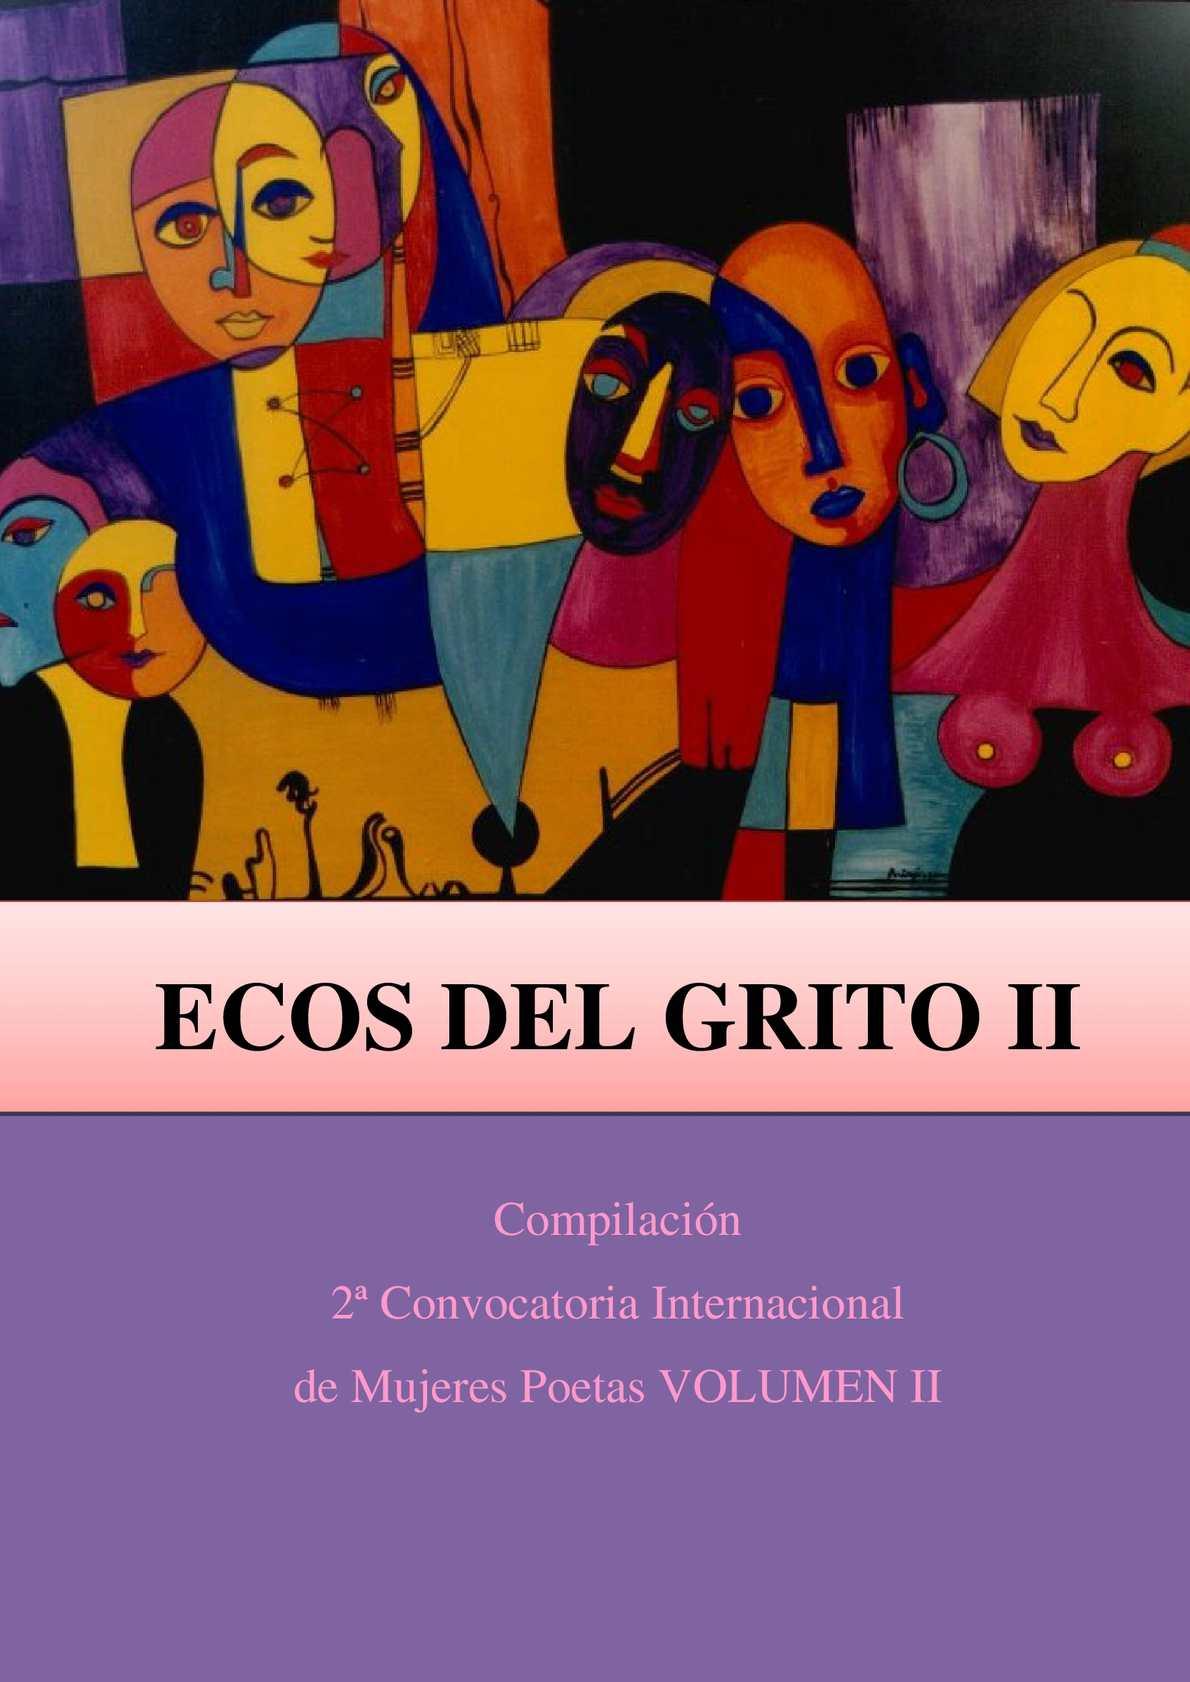 ECOS DEL GRITO - Volumen II